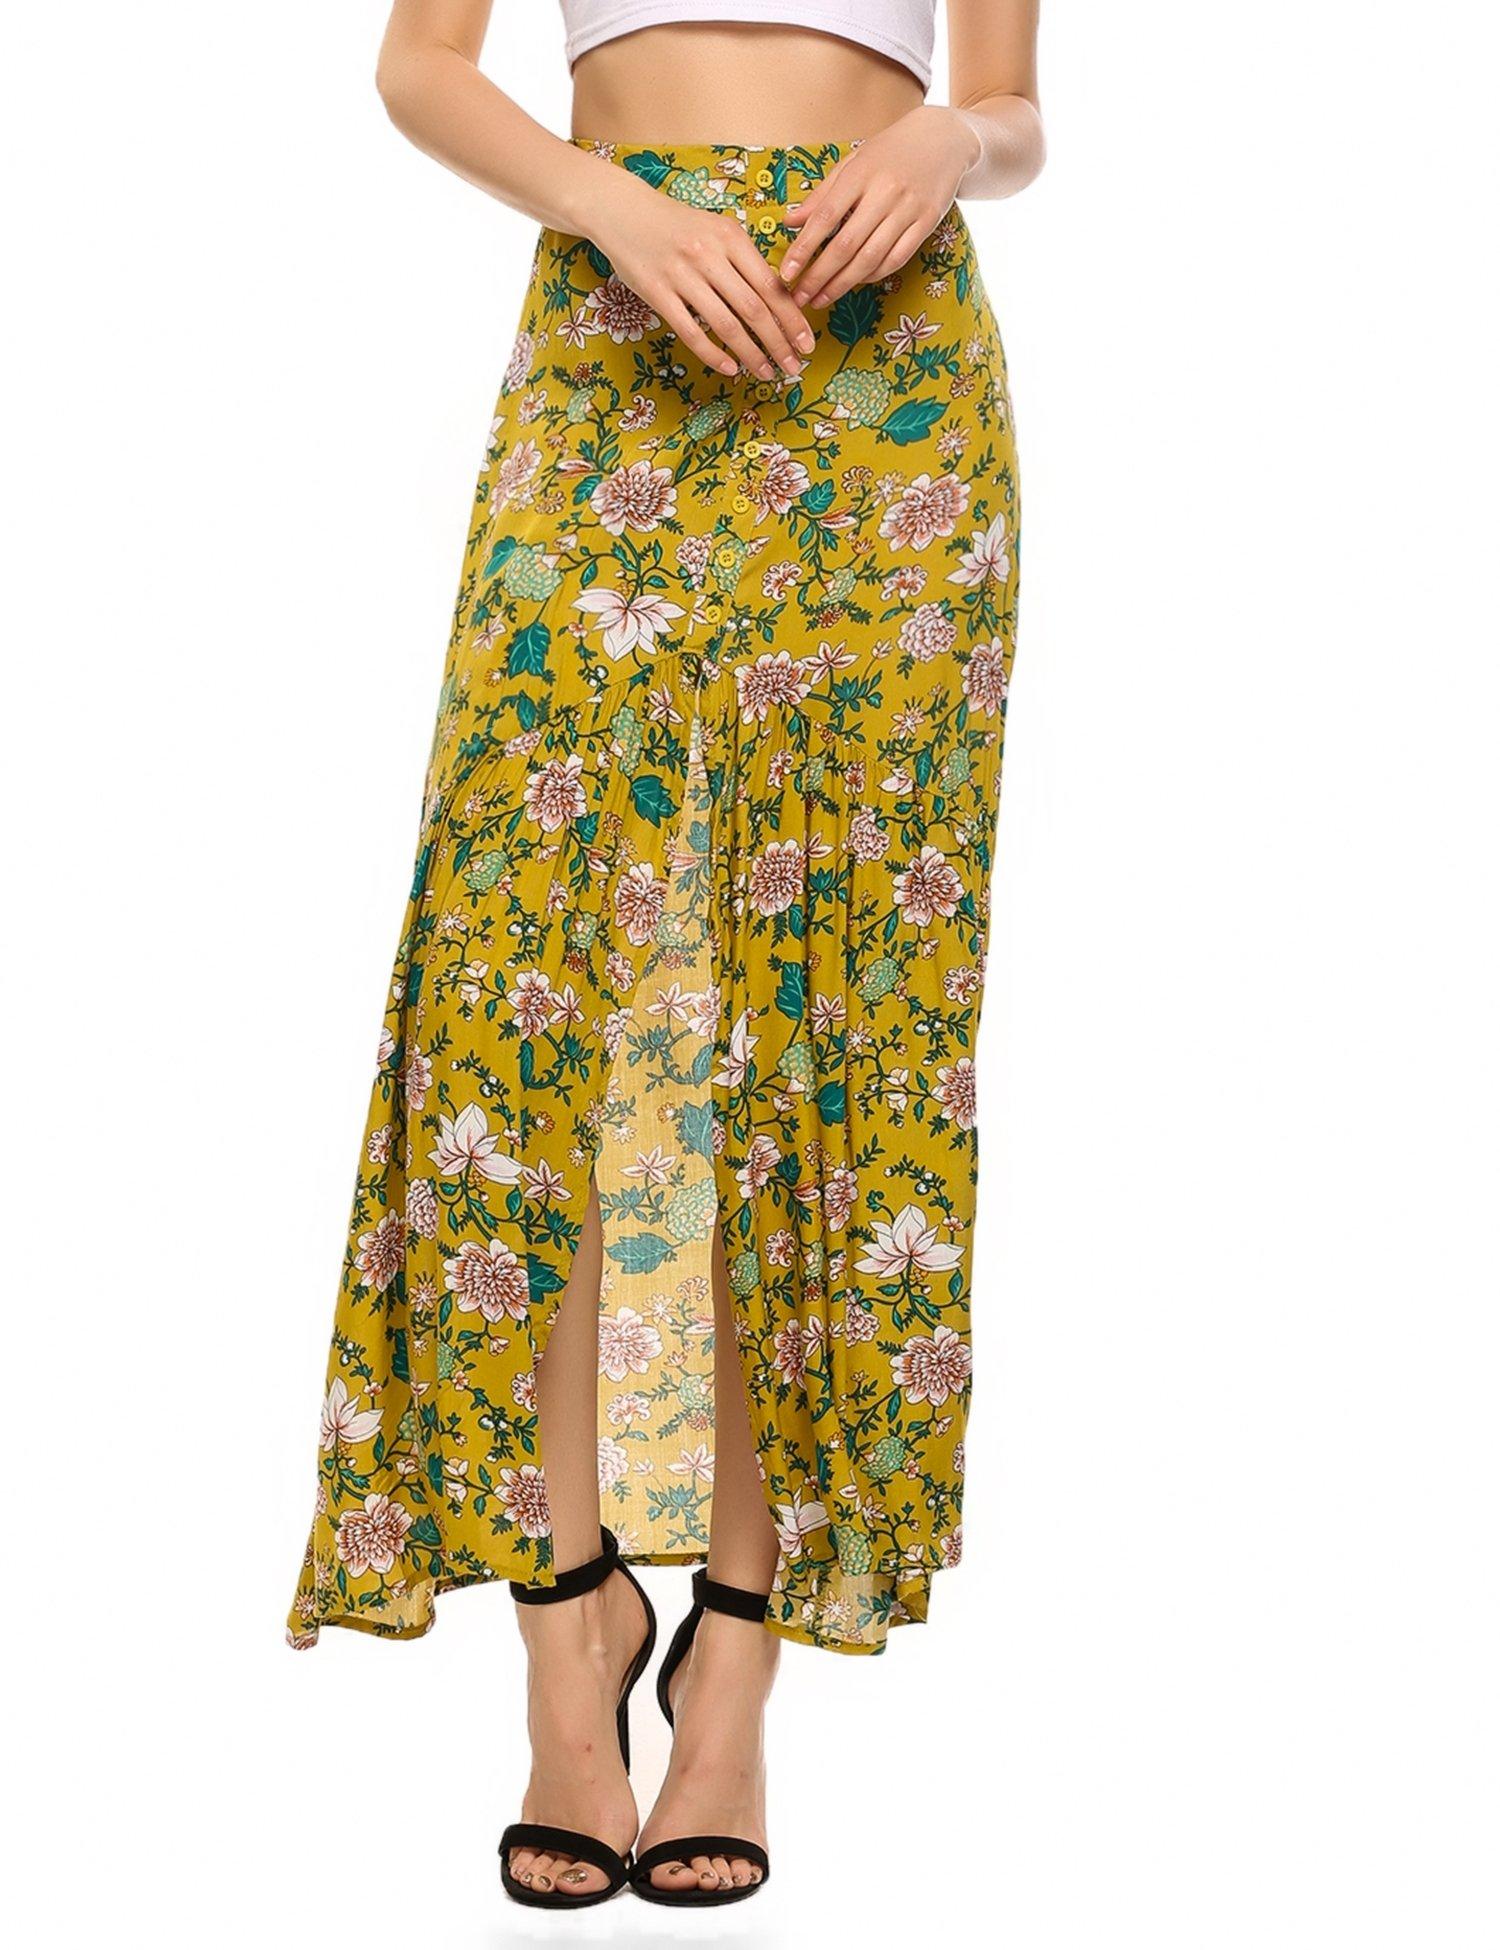 Zeagoo Women's Boho Floral Print High Waist Summer Beach Wrap Long Maxi Skirt Yellow XL